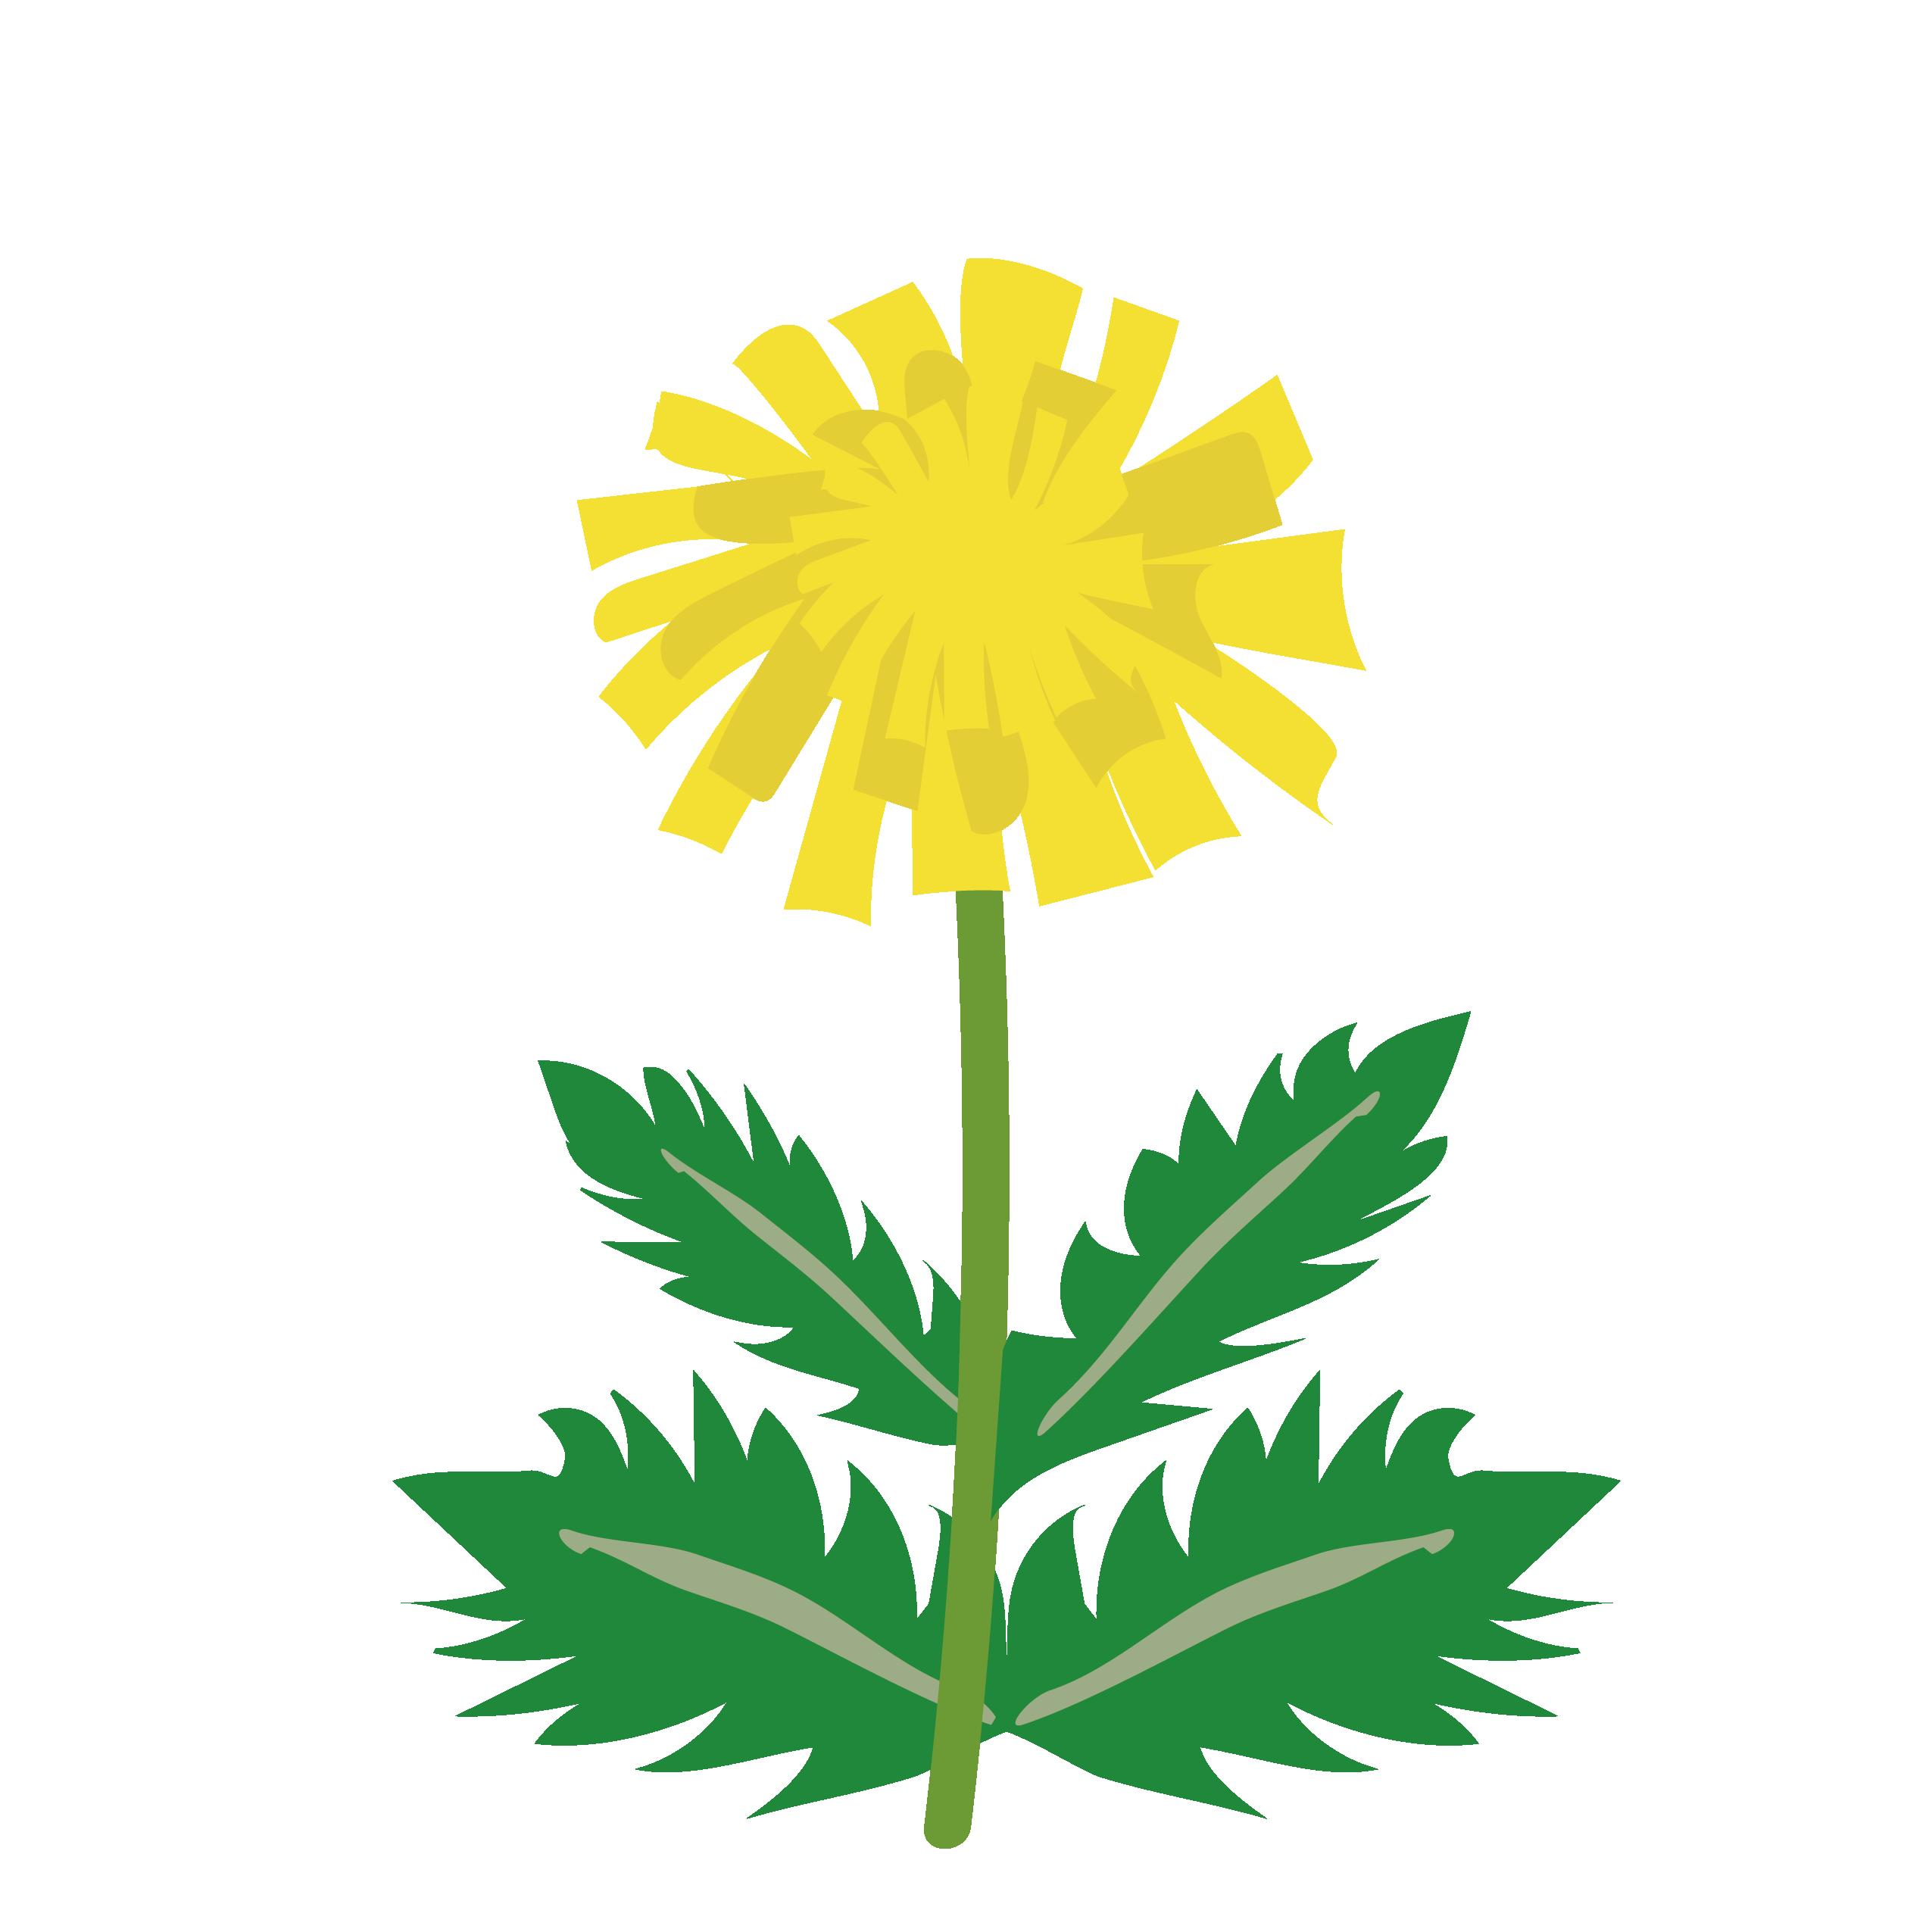 【花】タンポポ(蒲公英,たんぽぽ)の かわいい イラスト